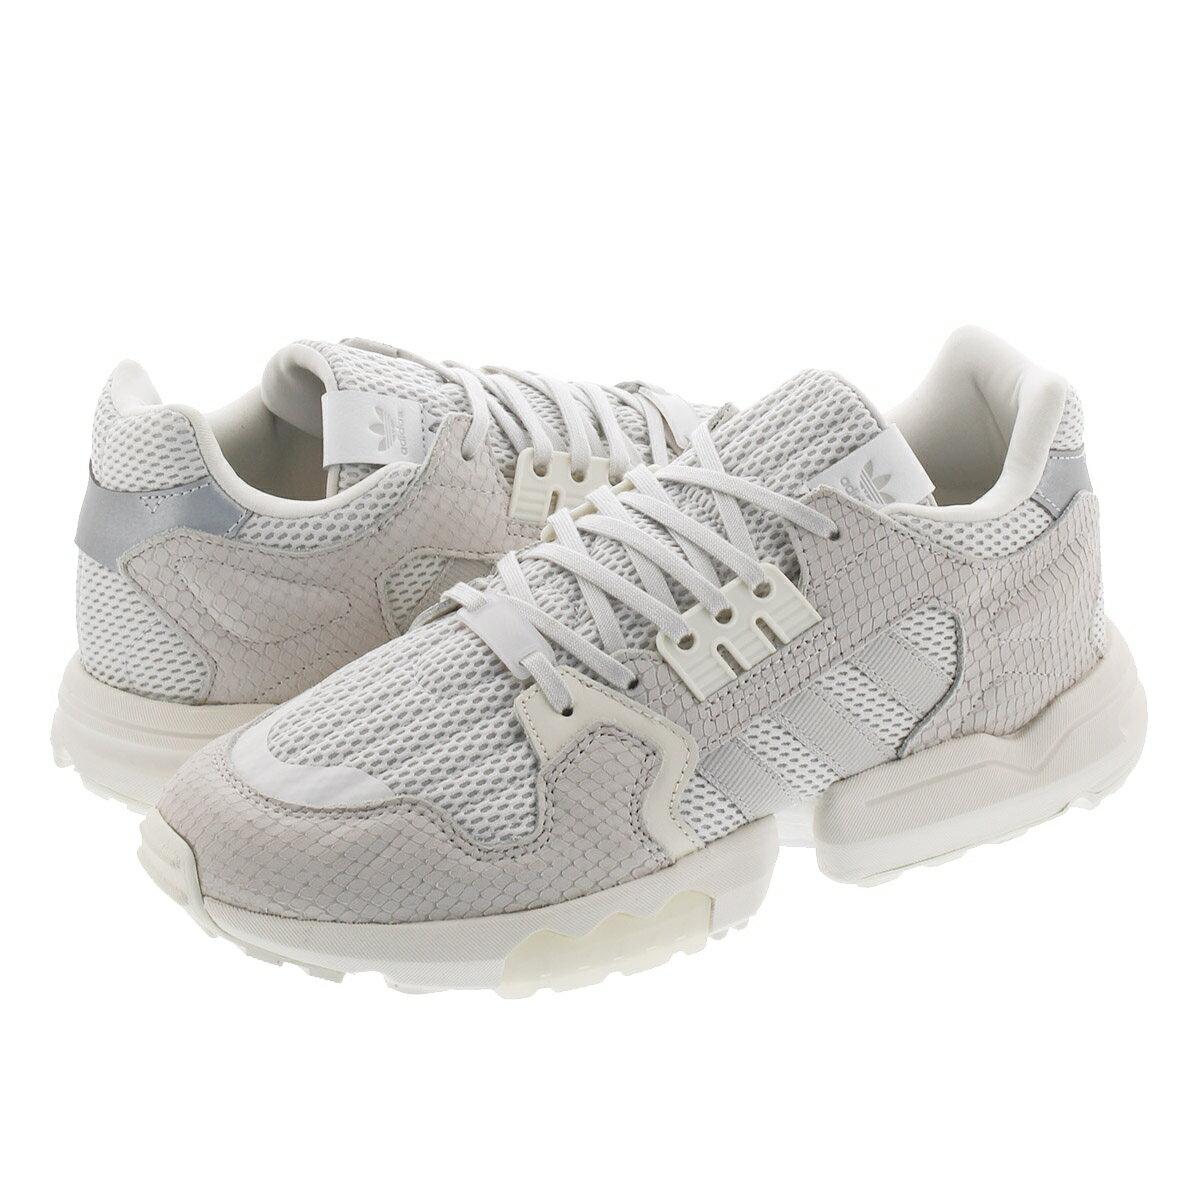 メンズ靴, スニーカー adidas ZX TORSION ZX GREY ONESILVER METCHALK WHITE ee7777